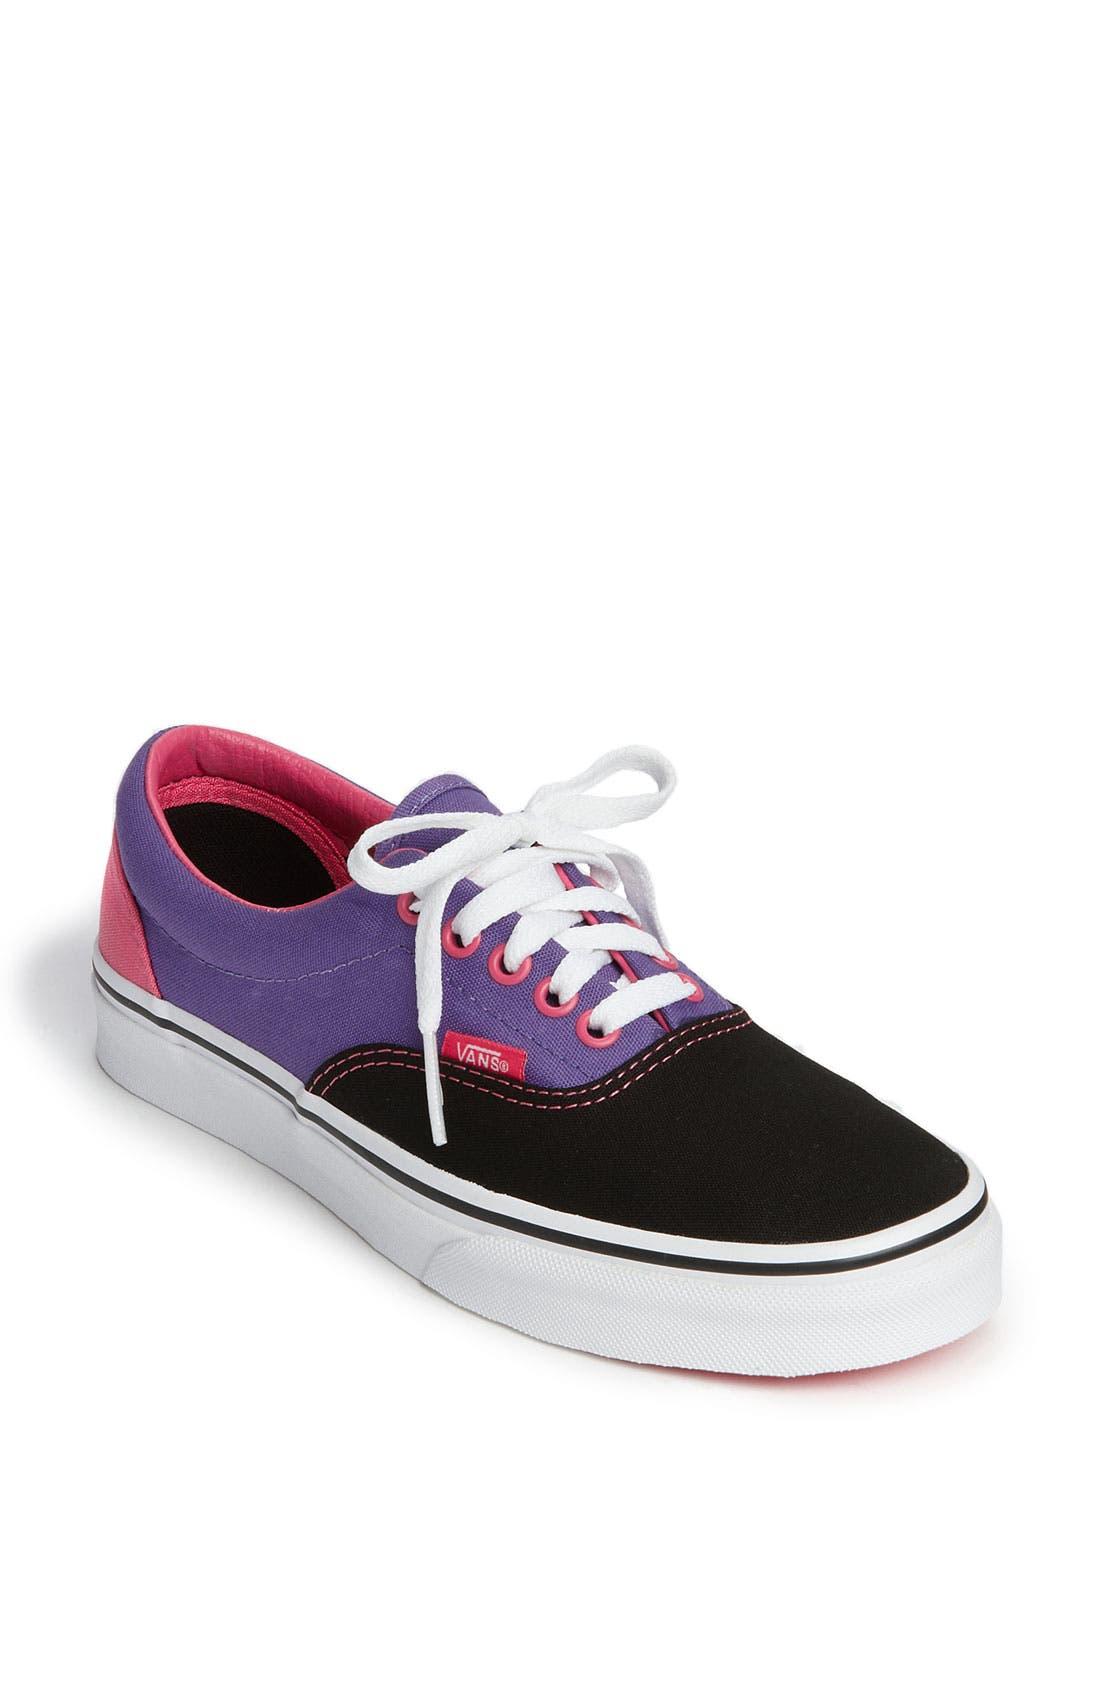 Alternate Image 1 Selected - Vans 'Era Tri Tone' Sneaker (Women)